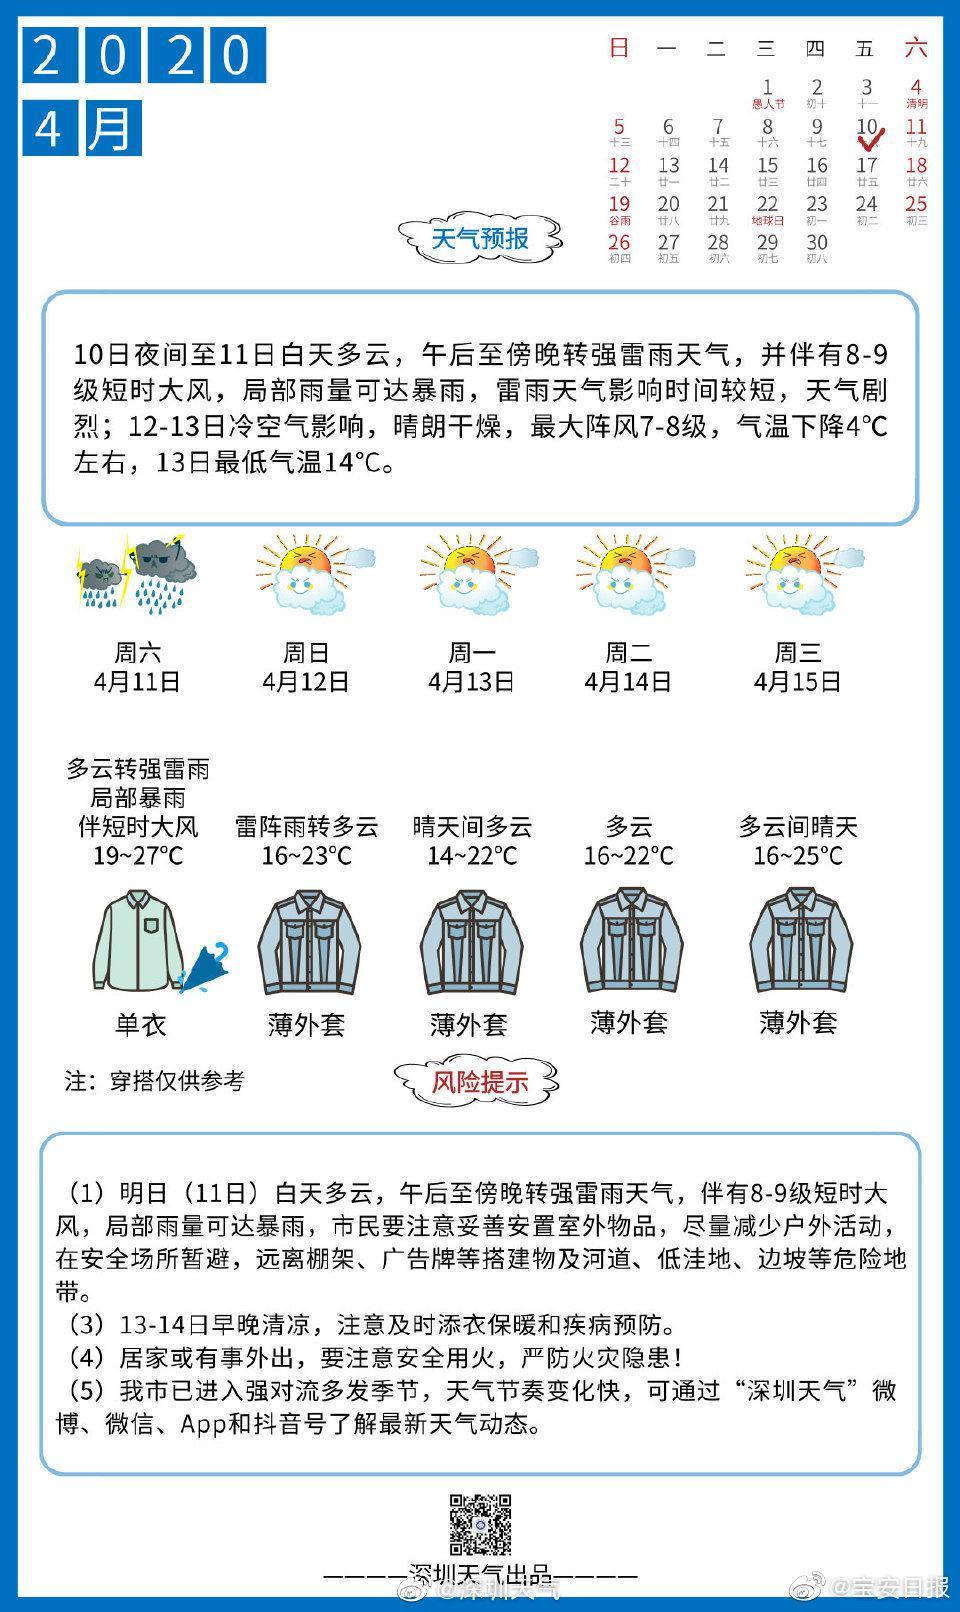 明天的雷雨天气大概率出现在傍晚时段……